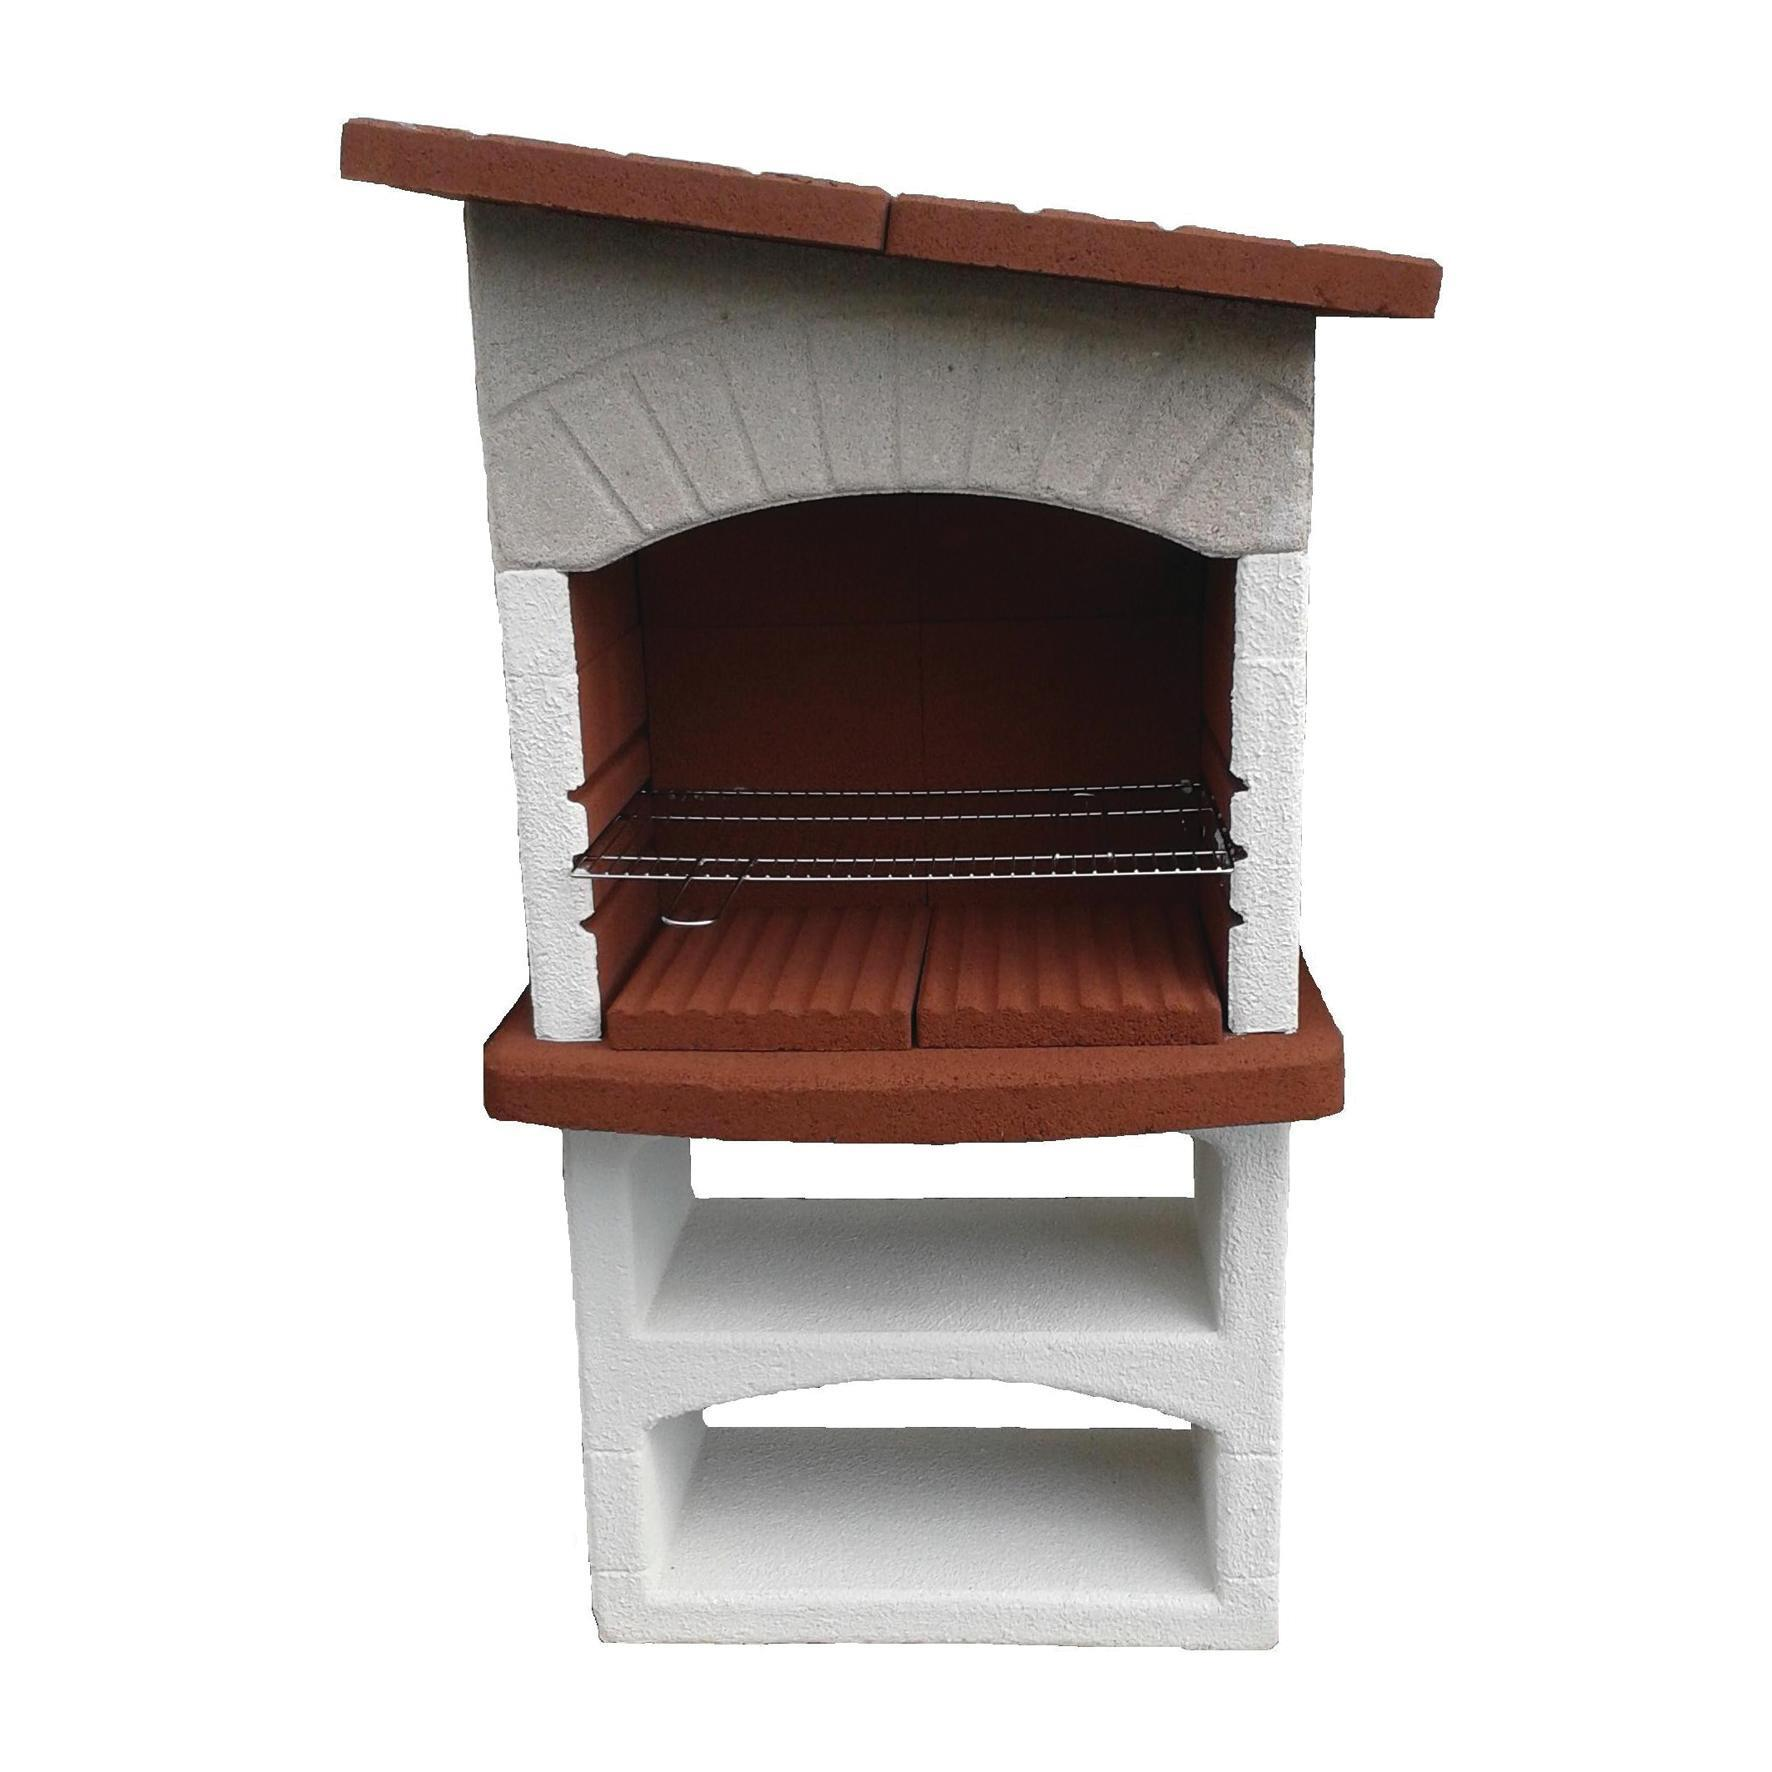 Barbecue in cemento refrattario LINEA VZ Caorle con cappa L 58 x P 58 x H 165 cm - 2